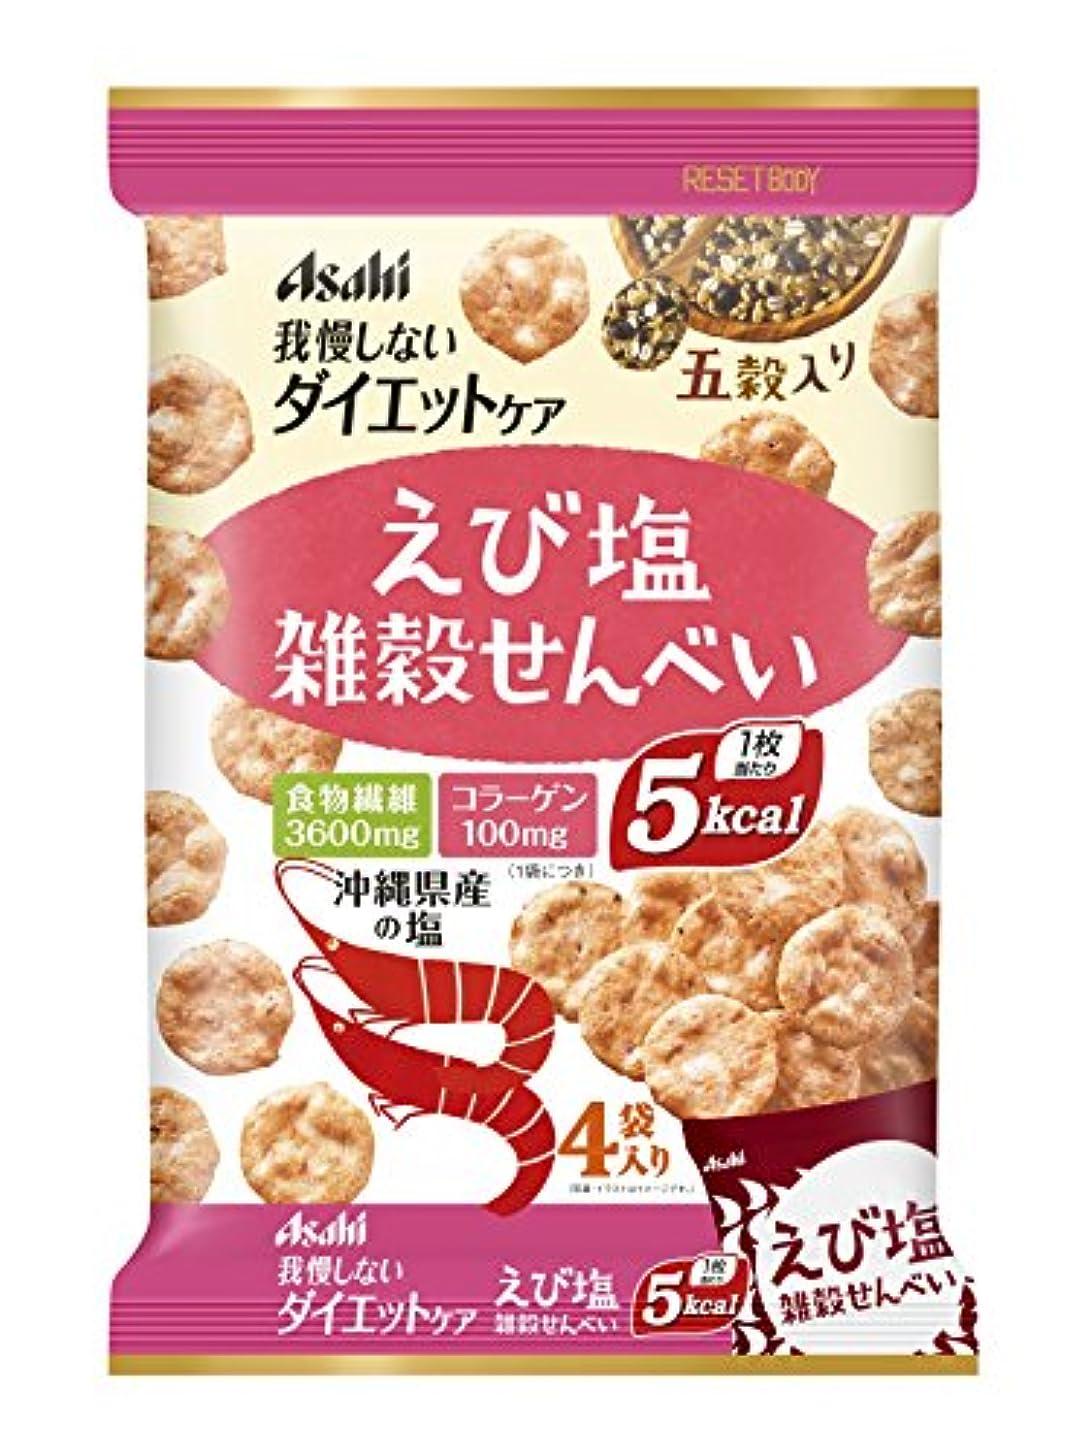 パウダー瞳代表アサヒグループ食品 リセットボディ 雑穀せんべい えび塩味 88g(22gx4袋)